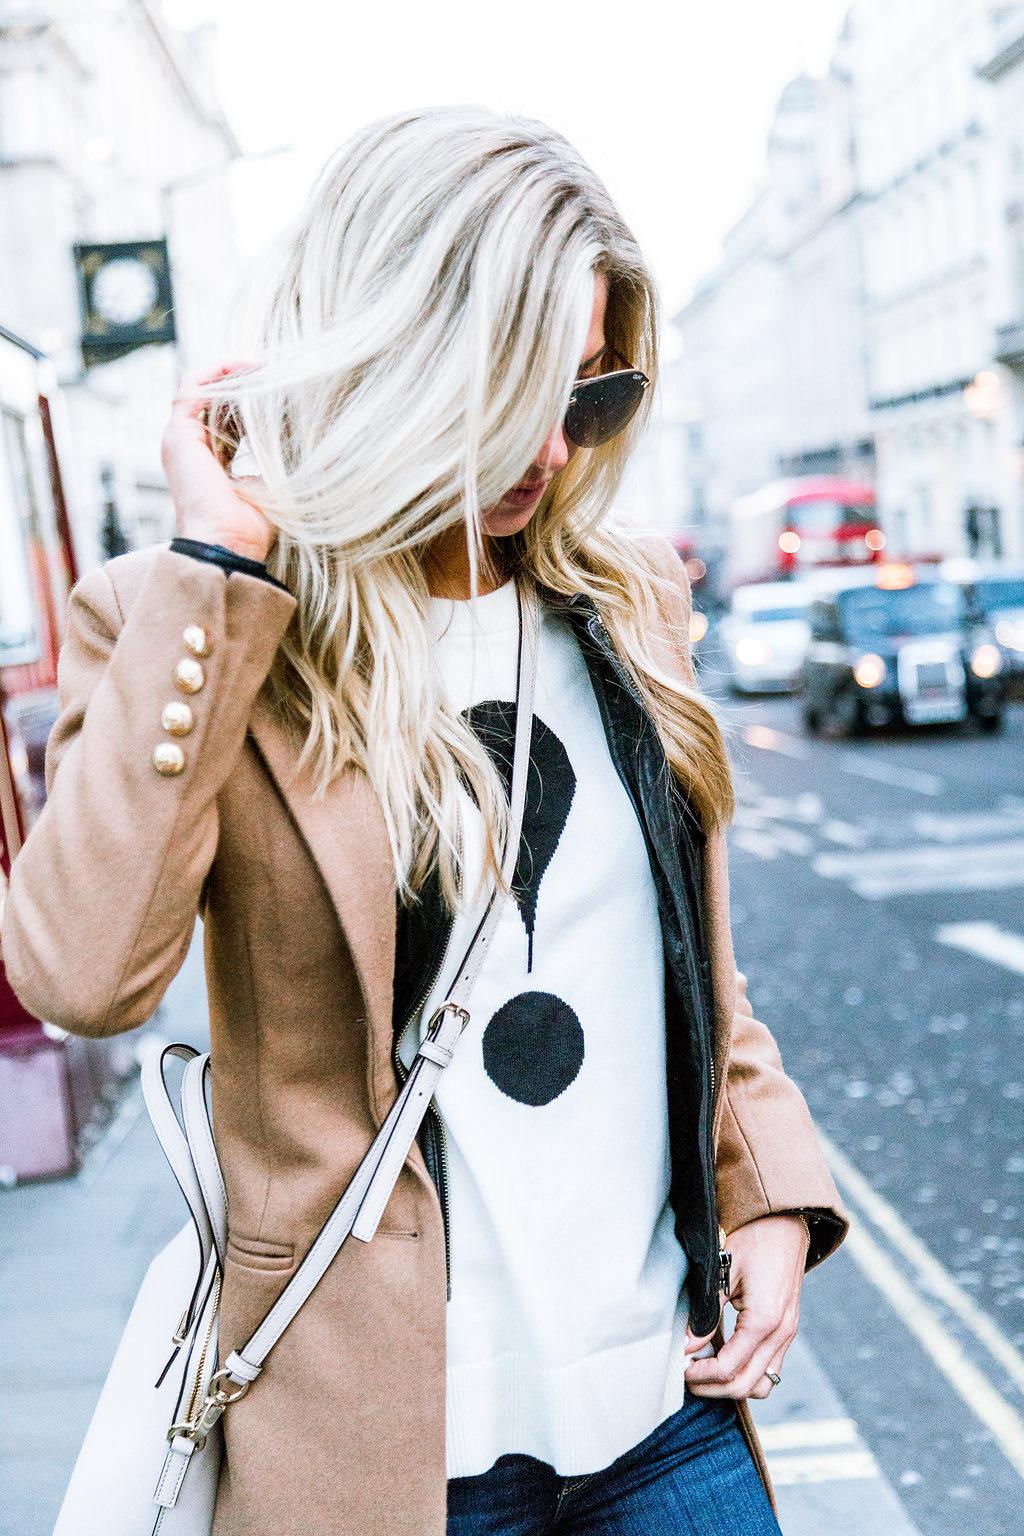 Camel coat + leather jacket